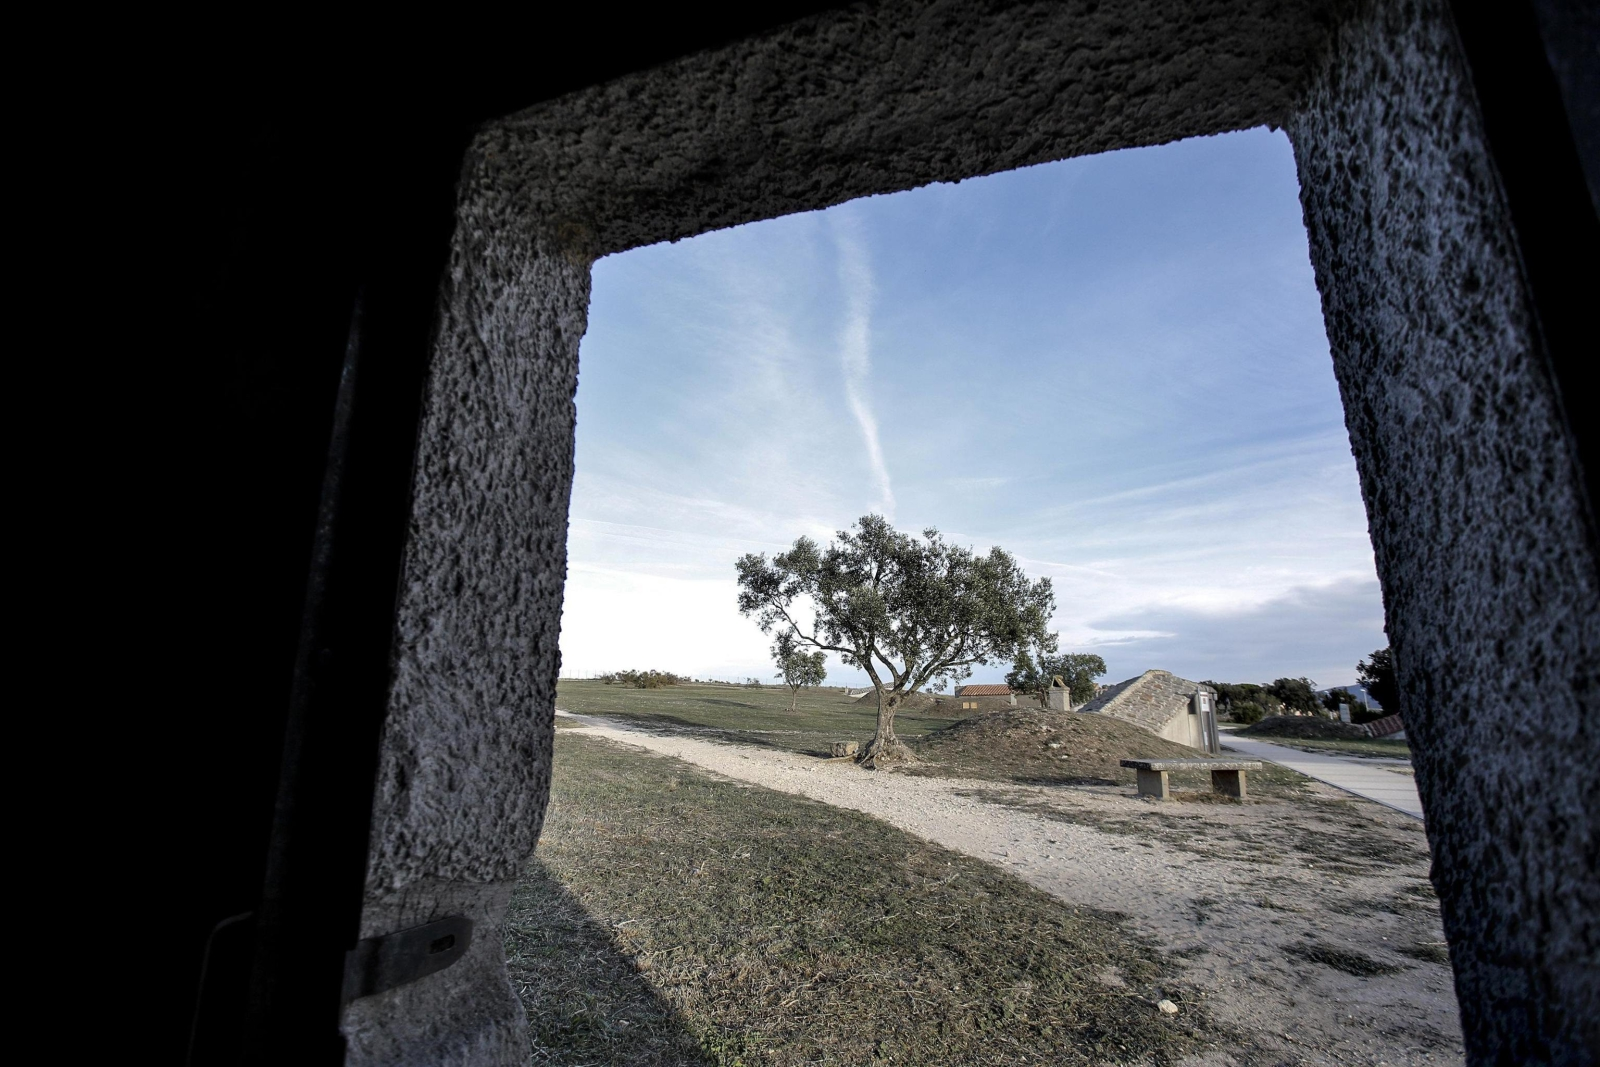 Etruska nekropolia w mieście Tarquinia w Lacjum, Włochy.